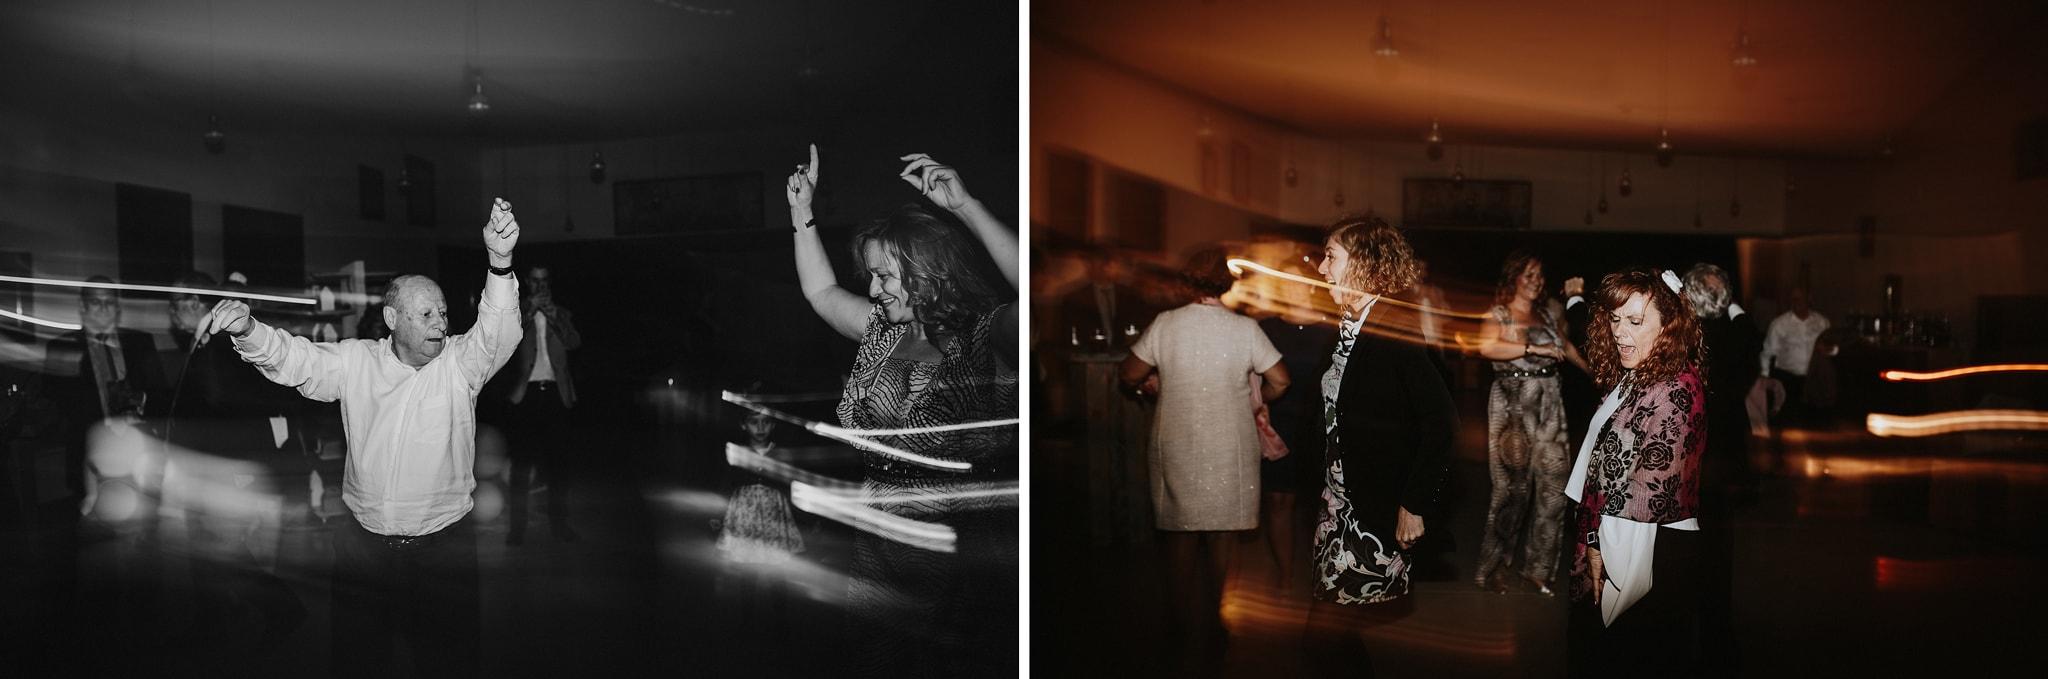 prisma-blanco-fotografia-bodas-altea-166